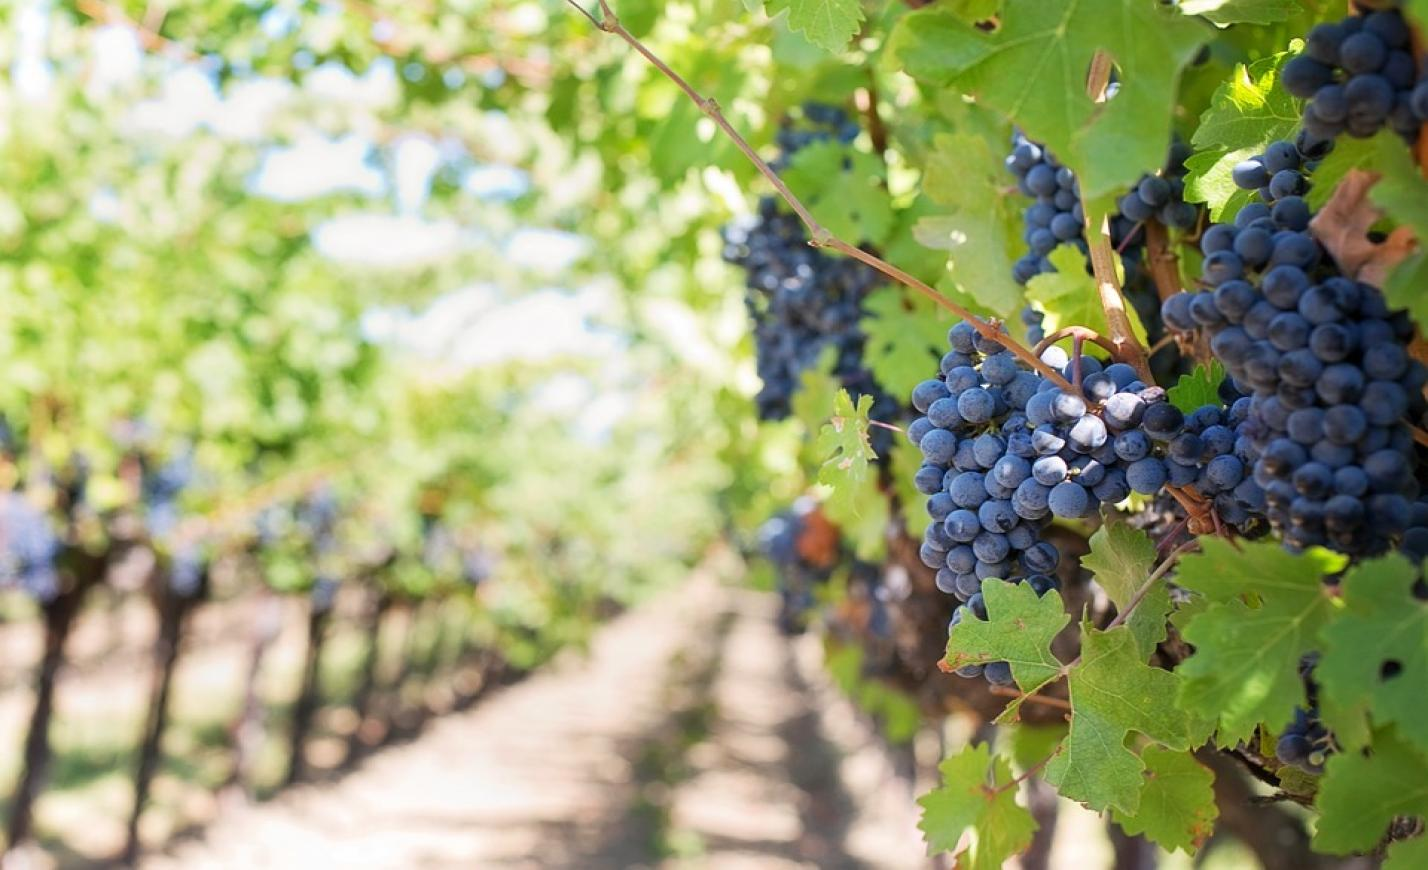 Tisztességes felvásárlási árat érdemelnek a szőlőtermelők